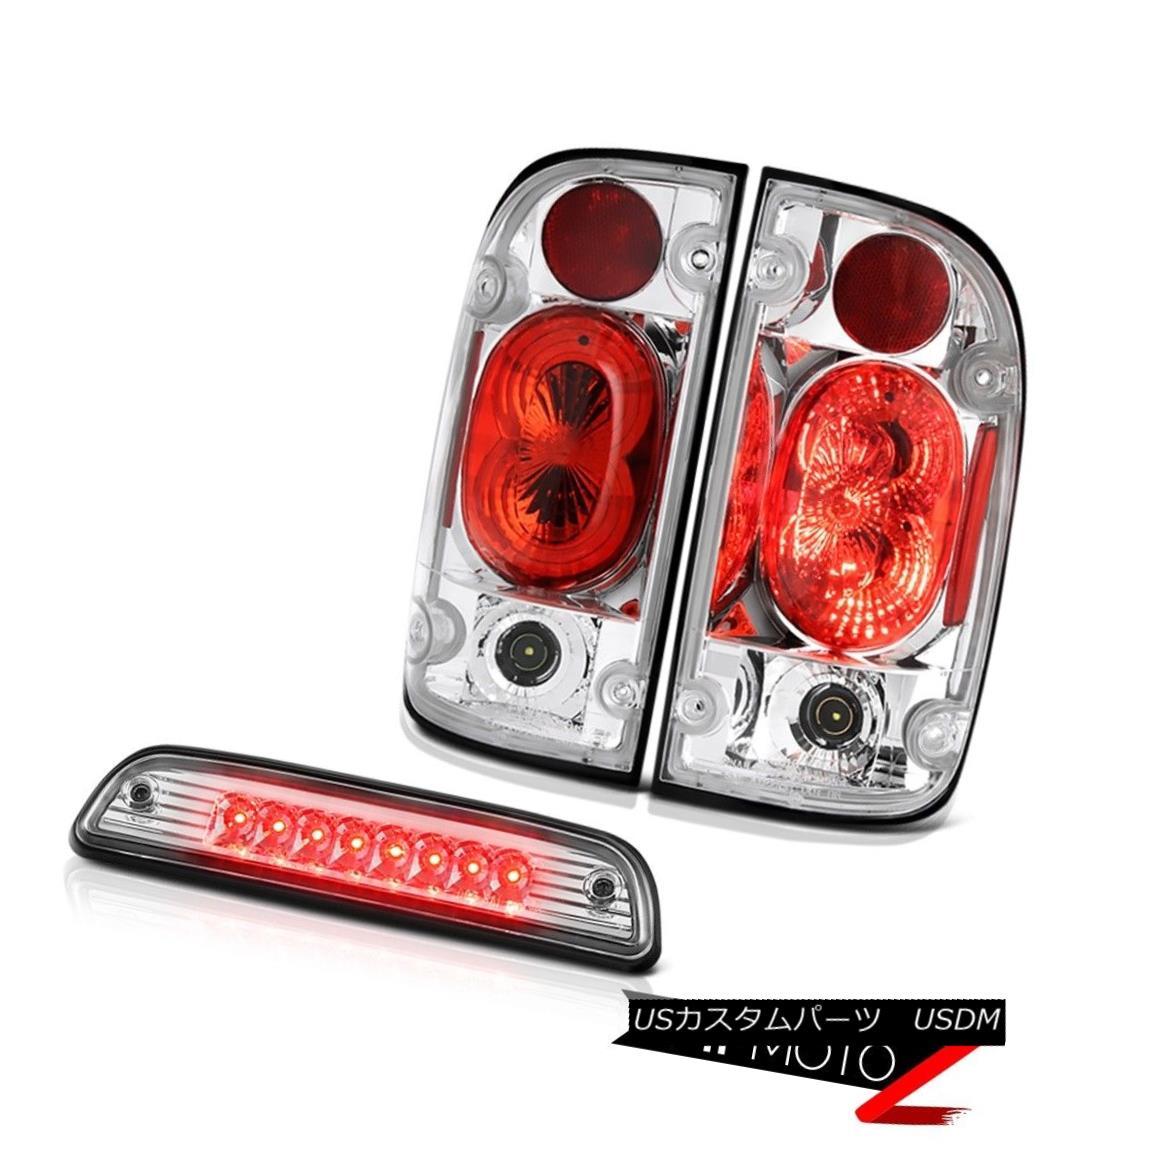 テールライト 01-04 Toyota Tacoma SR5 Sterling chrome roof cargo light rear brake lamps LED 01-04トヨタタコマSR5スターリングクロームルーフカーゴライトリアブレーキランプLED